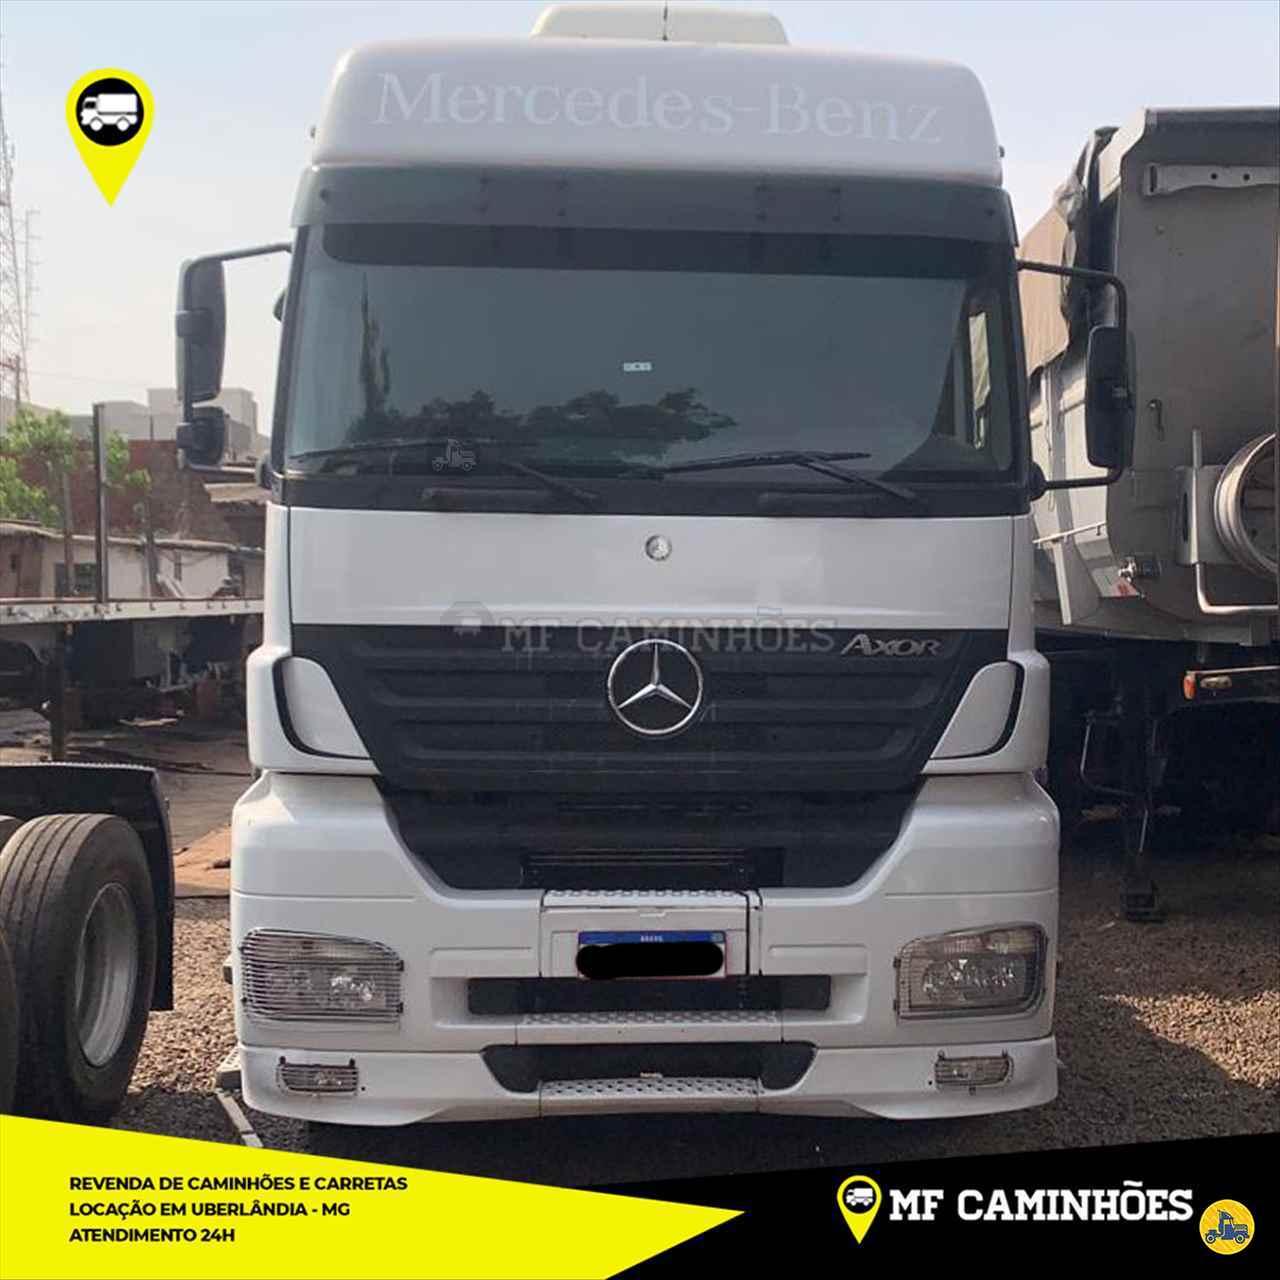 CAMINHAO MERCEDES-BENZ MB 2544 Cavalo Mecânico Truck 6x2 MF Caminhões UBERLANDIA MINAS GERAIS MG